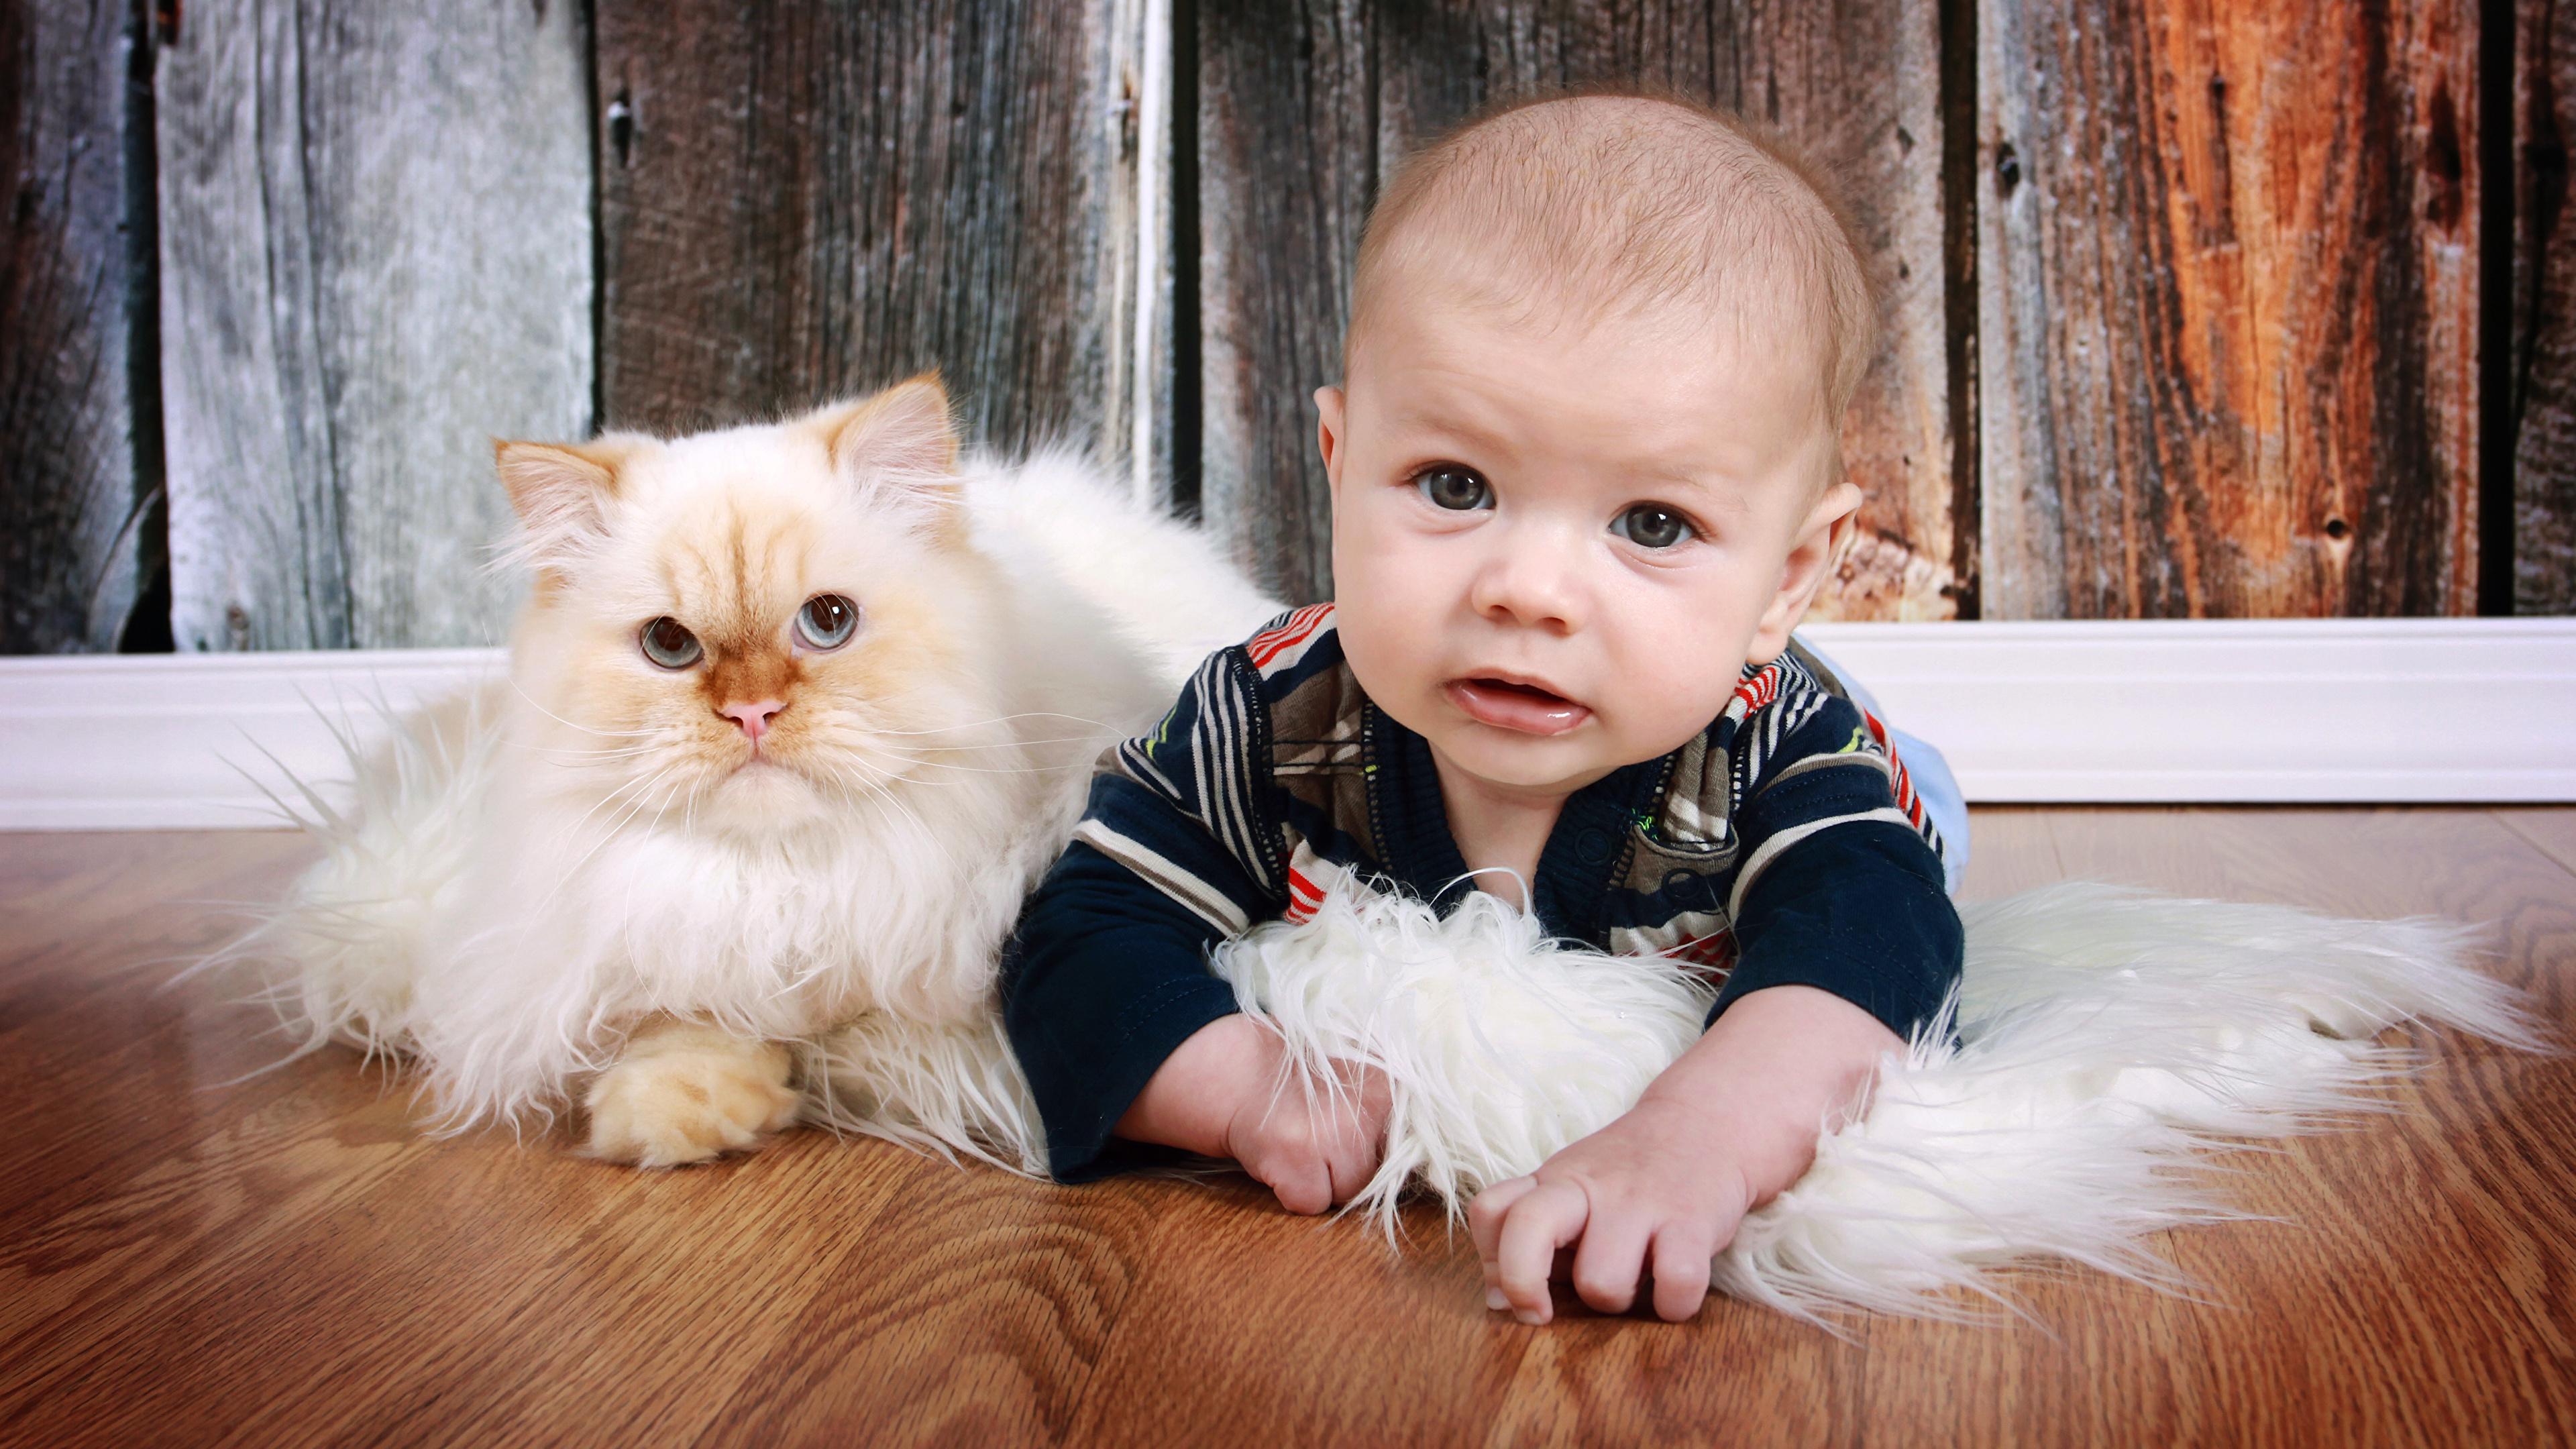 Фото кошка Младенцы Дети Взгляд Животные 3840x2160 кот коты Кошки младенец младенца грудной ребёнок ребёнок смотрит смотрят животное